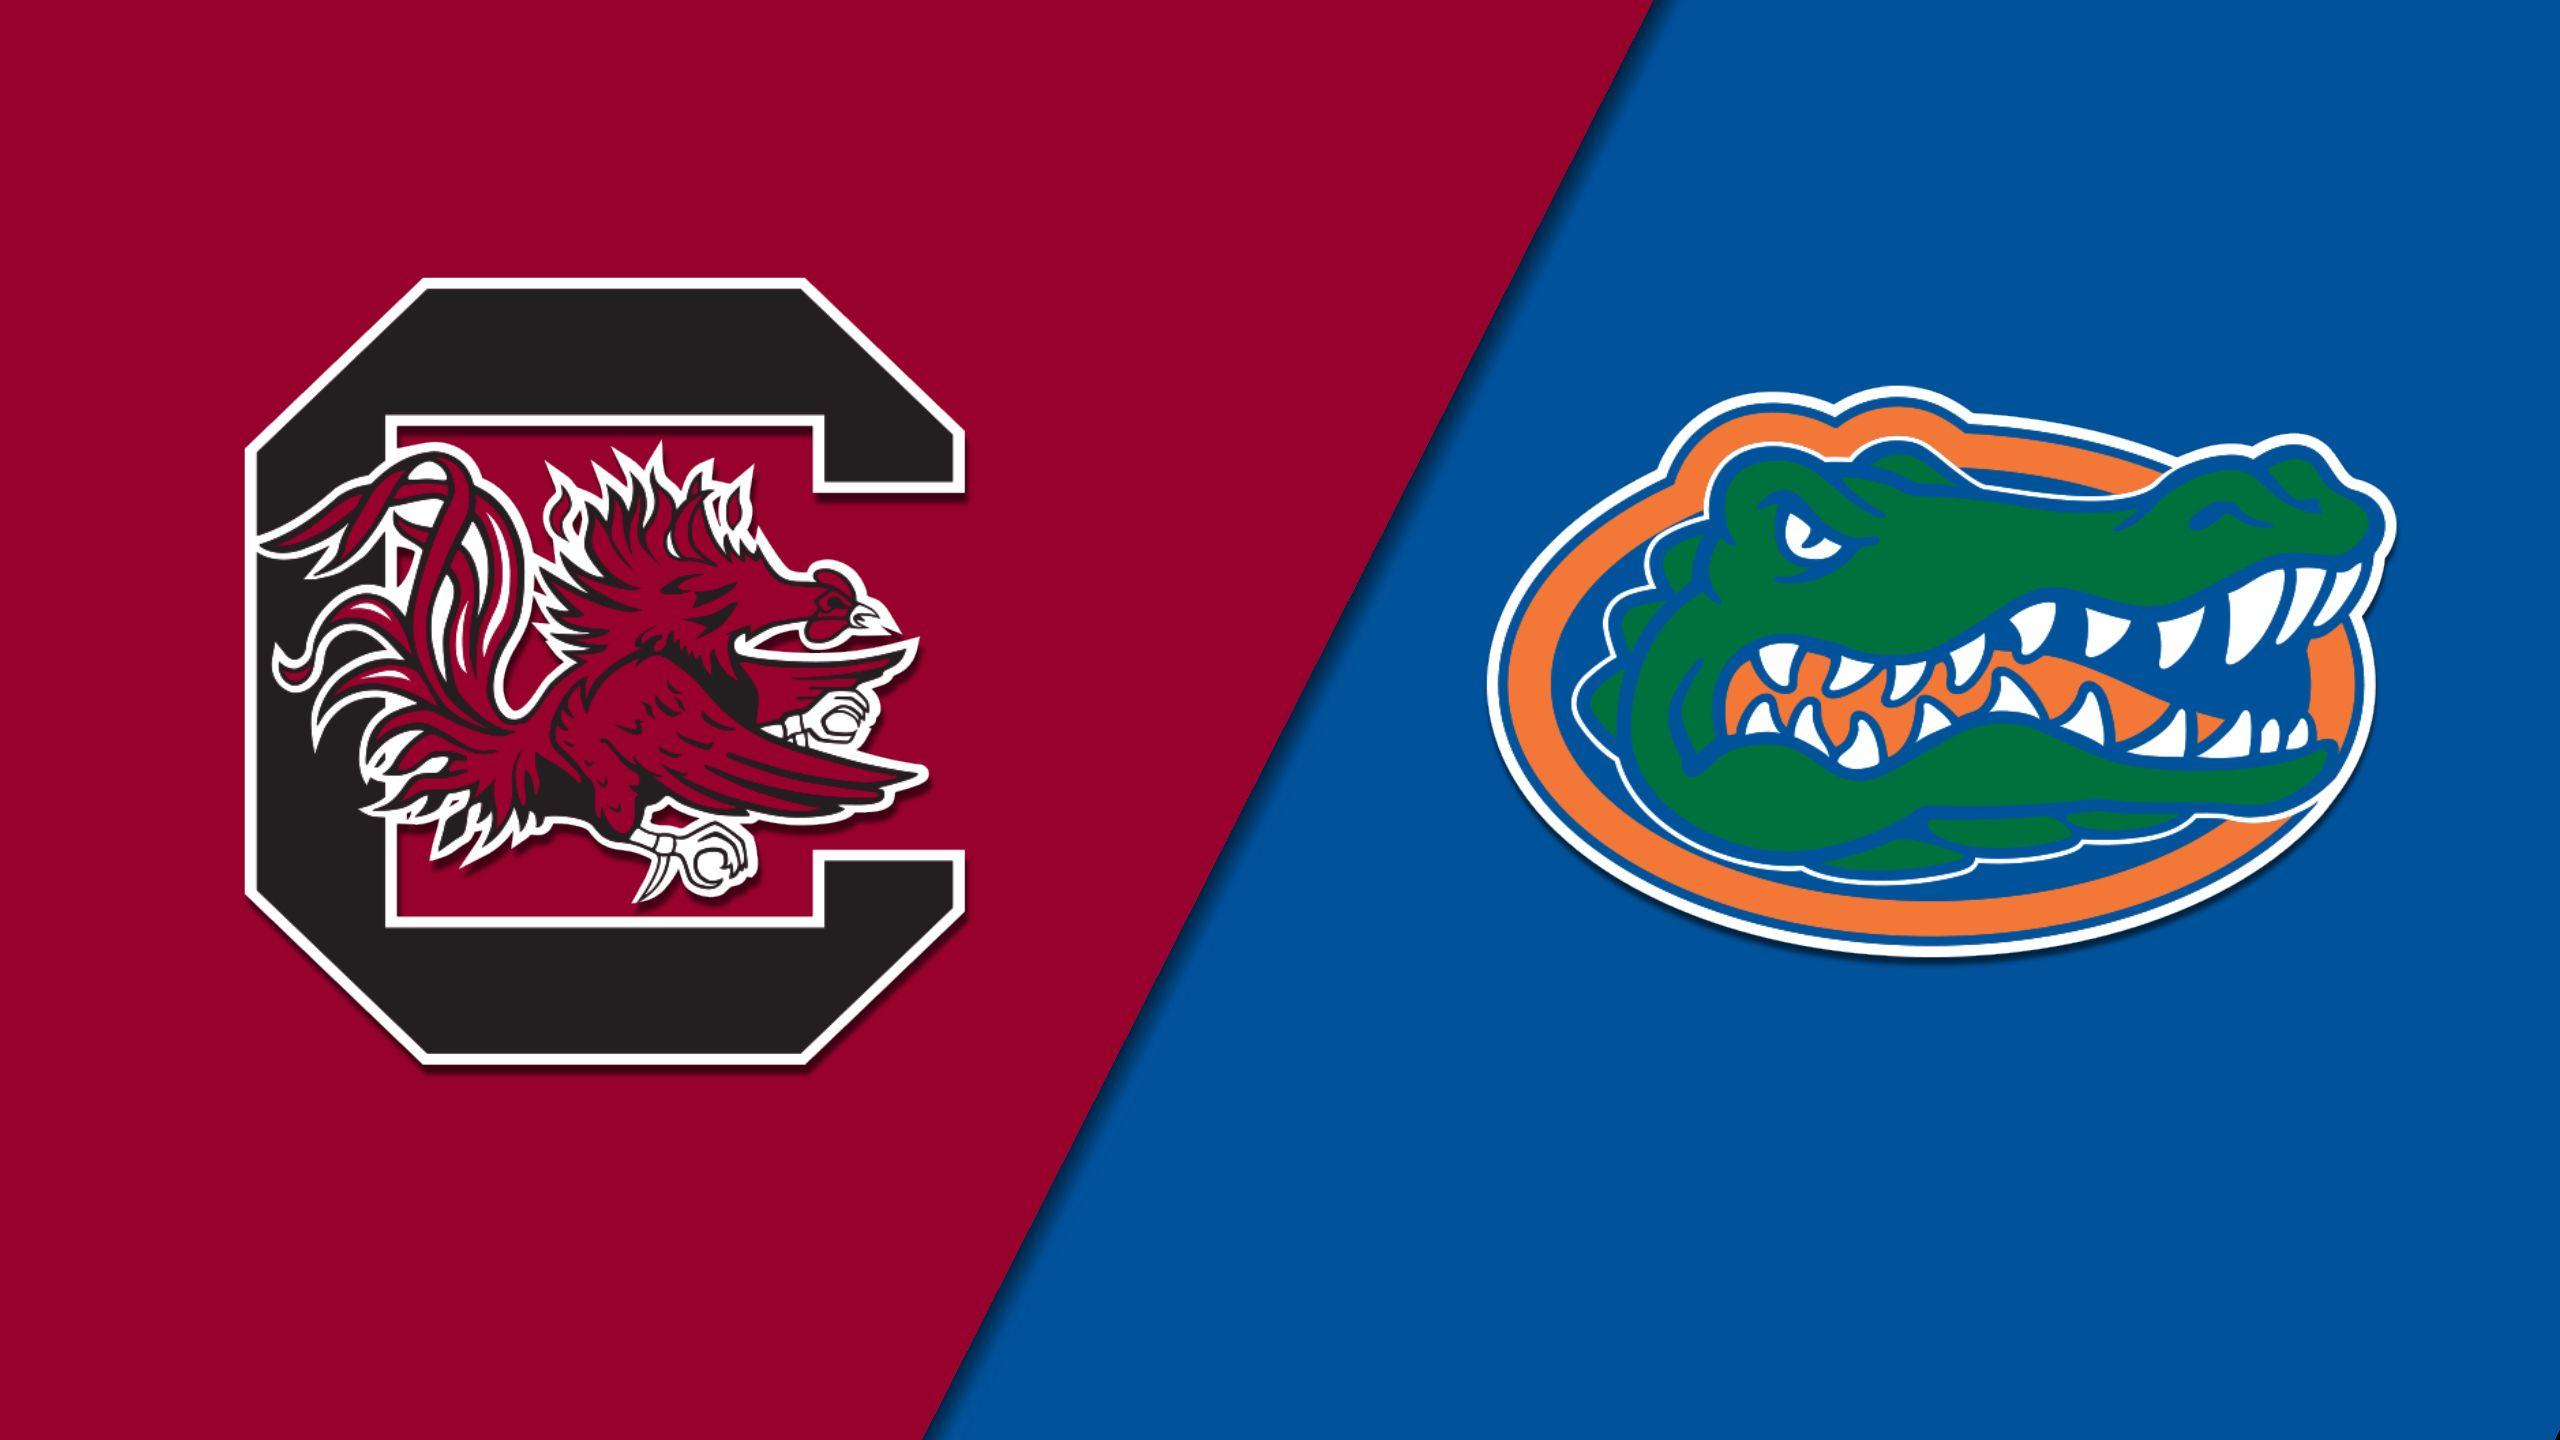 #12 South Carolina vs. #7 Florida (Softball)